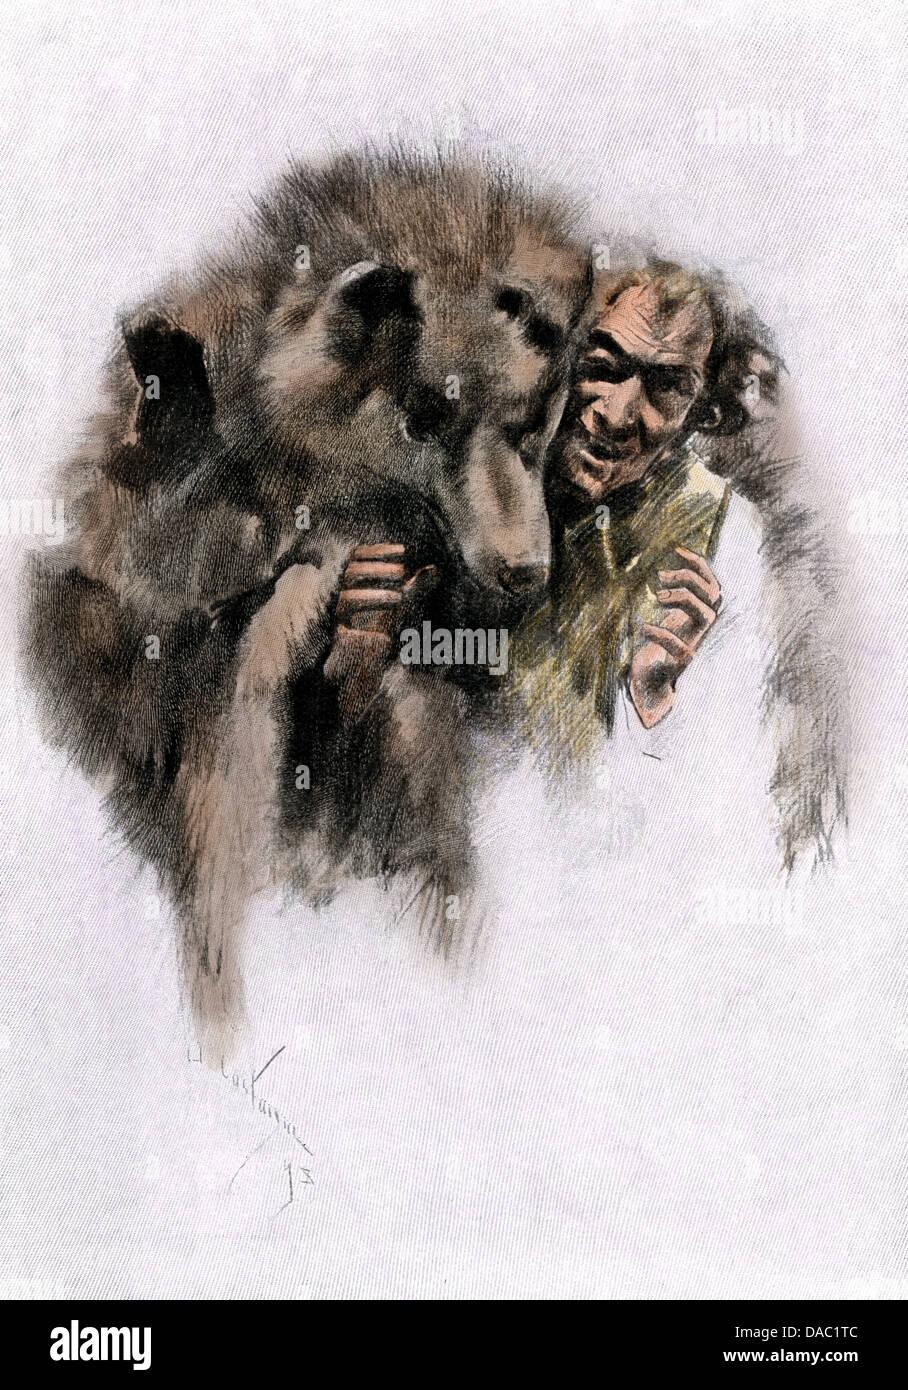 Loup-garou, un francese canadese mannaro legenda, 1800s. Colorate a mano la xilografia Immagini Stock